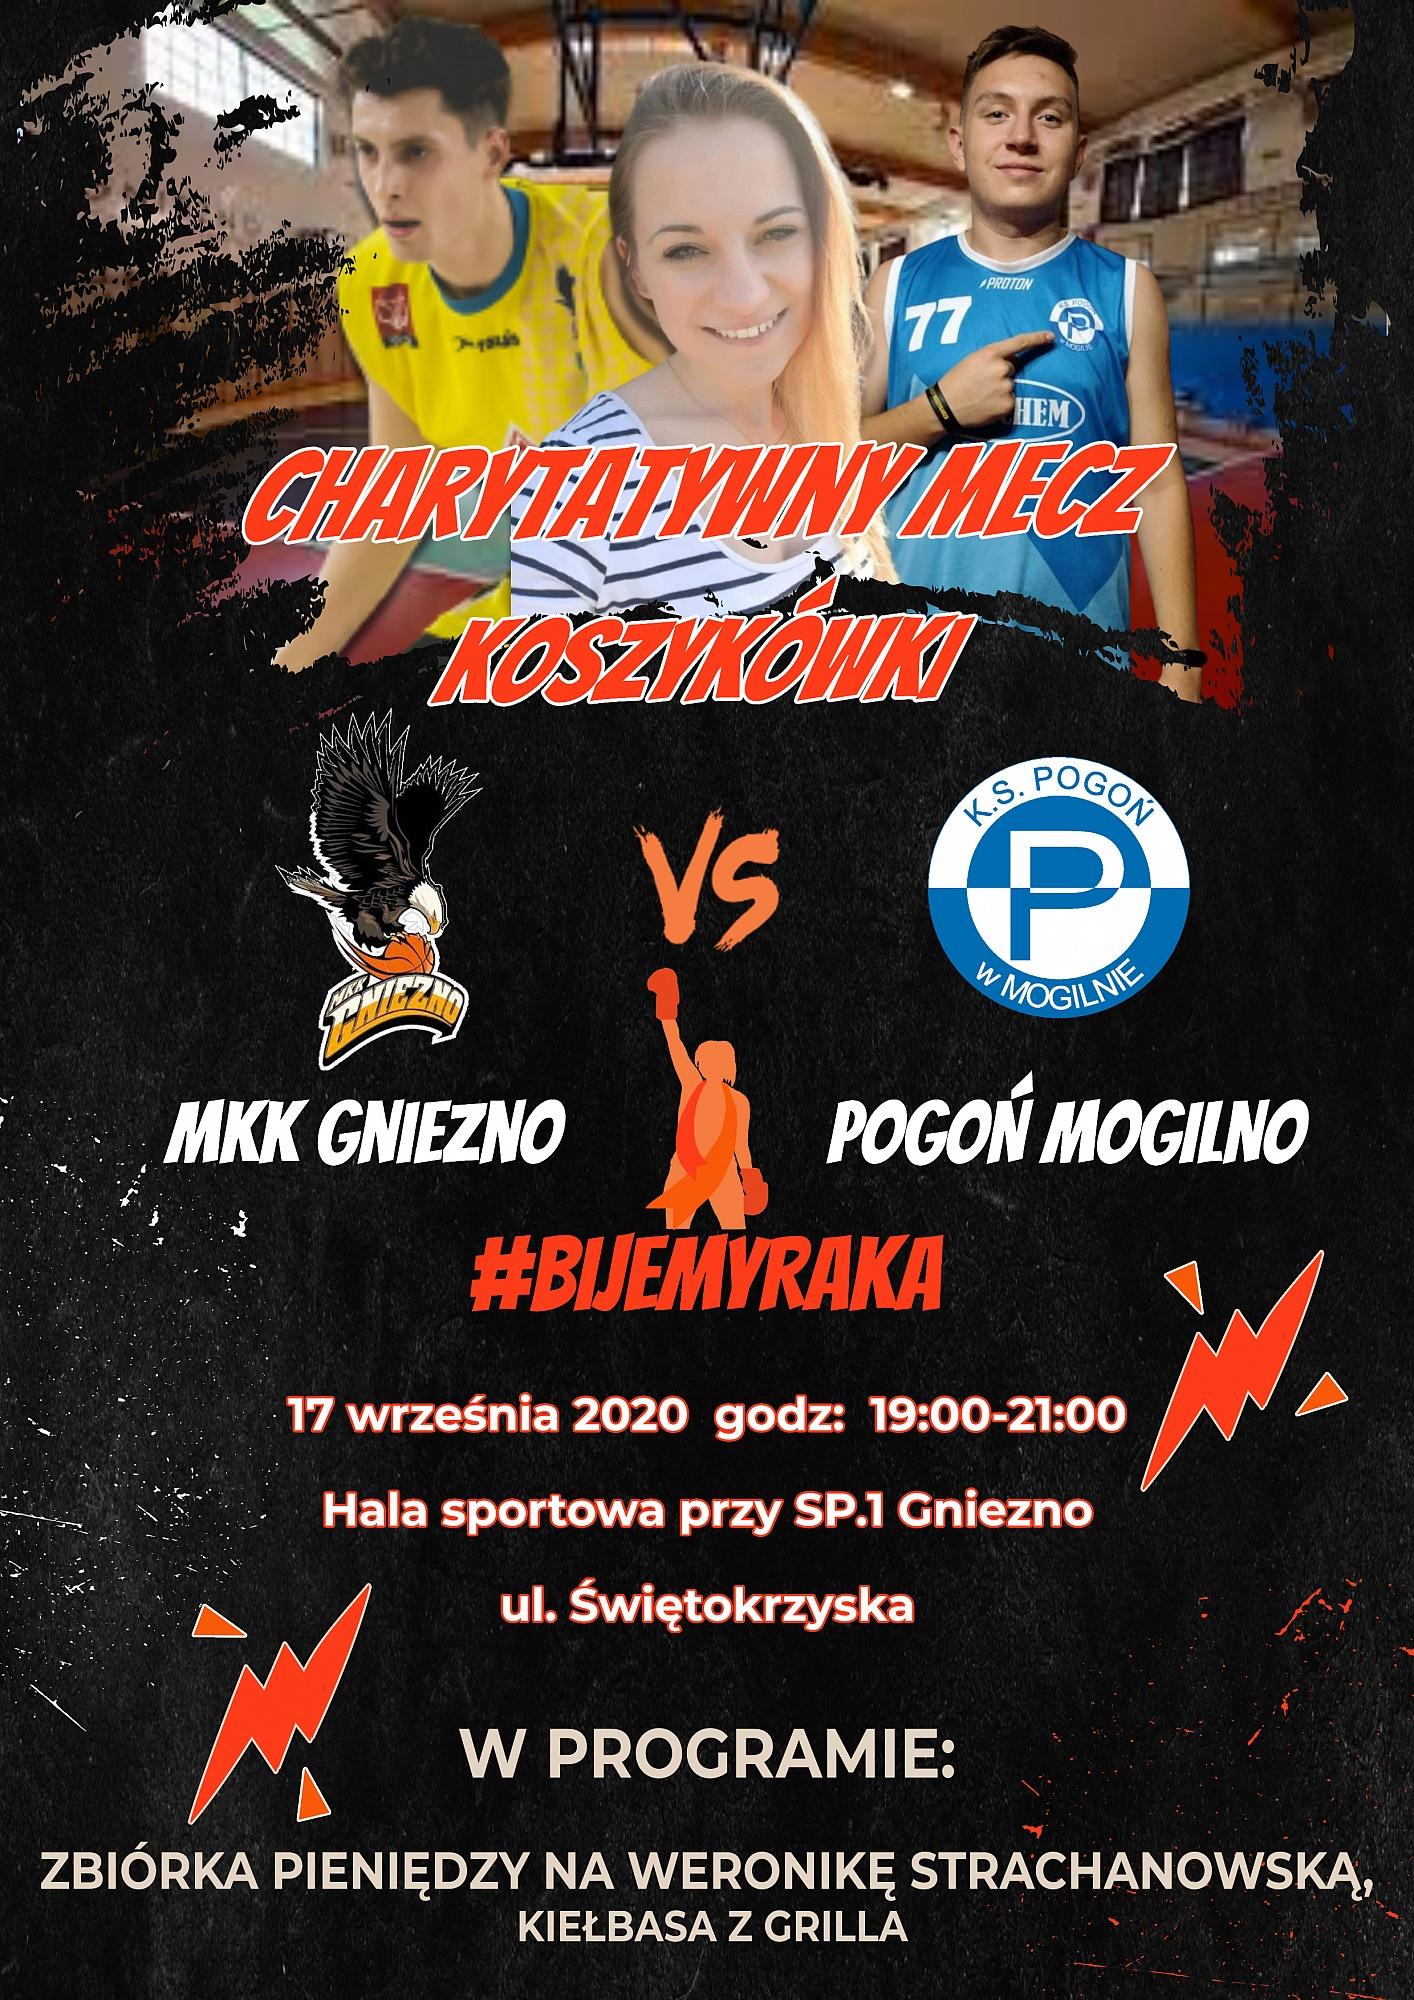 Charytatywny mecz koszykówki dla Weroniki